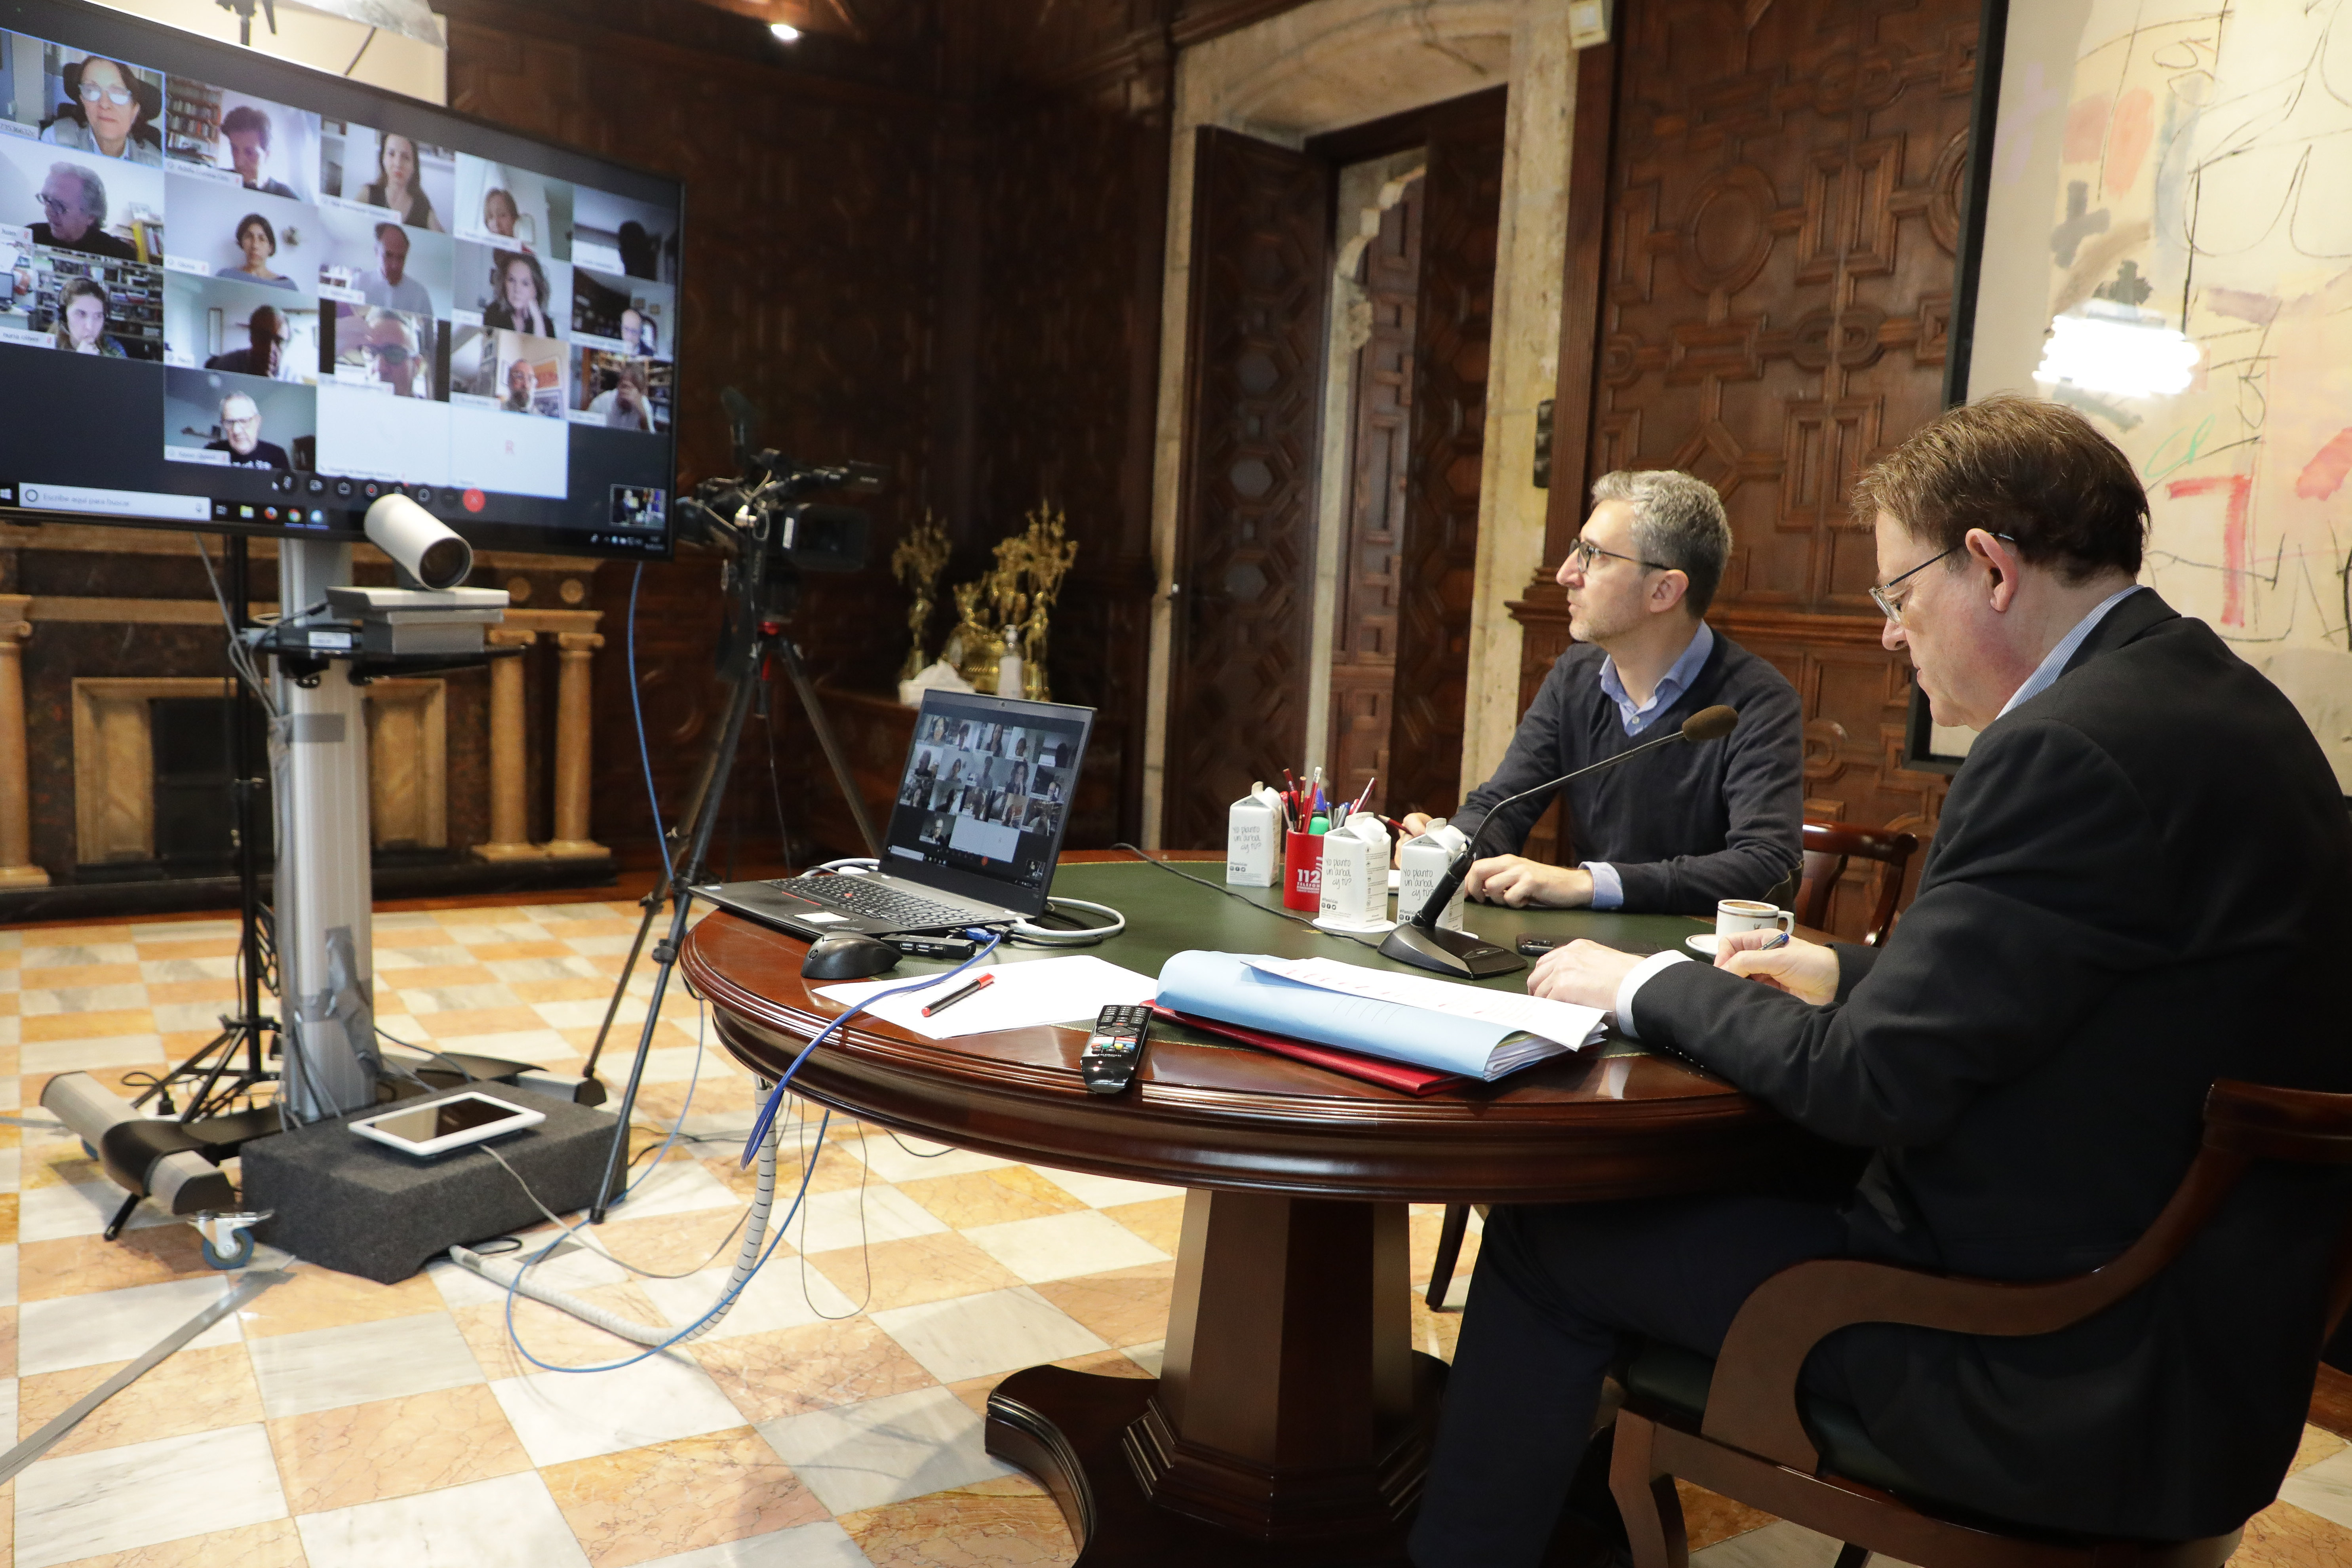 Ximo Puig mantiene una reunión con personas expertas para abordar el pase de la Comunitat Valenciana a la fase 1 del proceso de desescalada